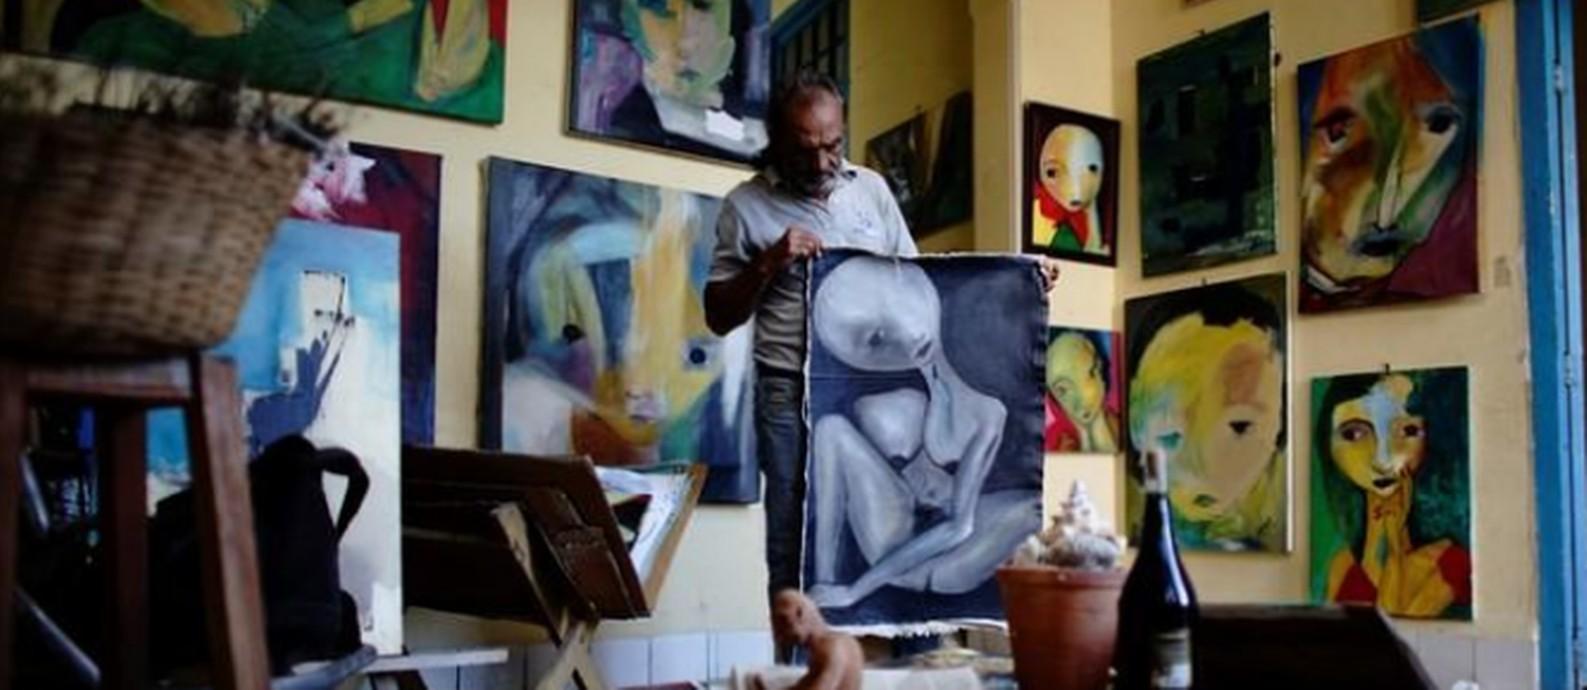 O pintor Roberto Loeje em meio a suas obras em seu ateliê em Havana Foto: Alexandre Meneghini / Reuters